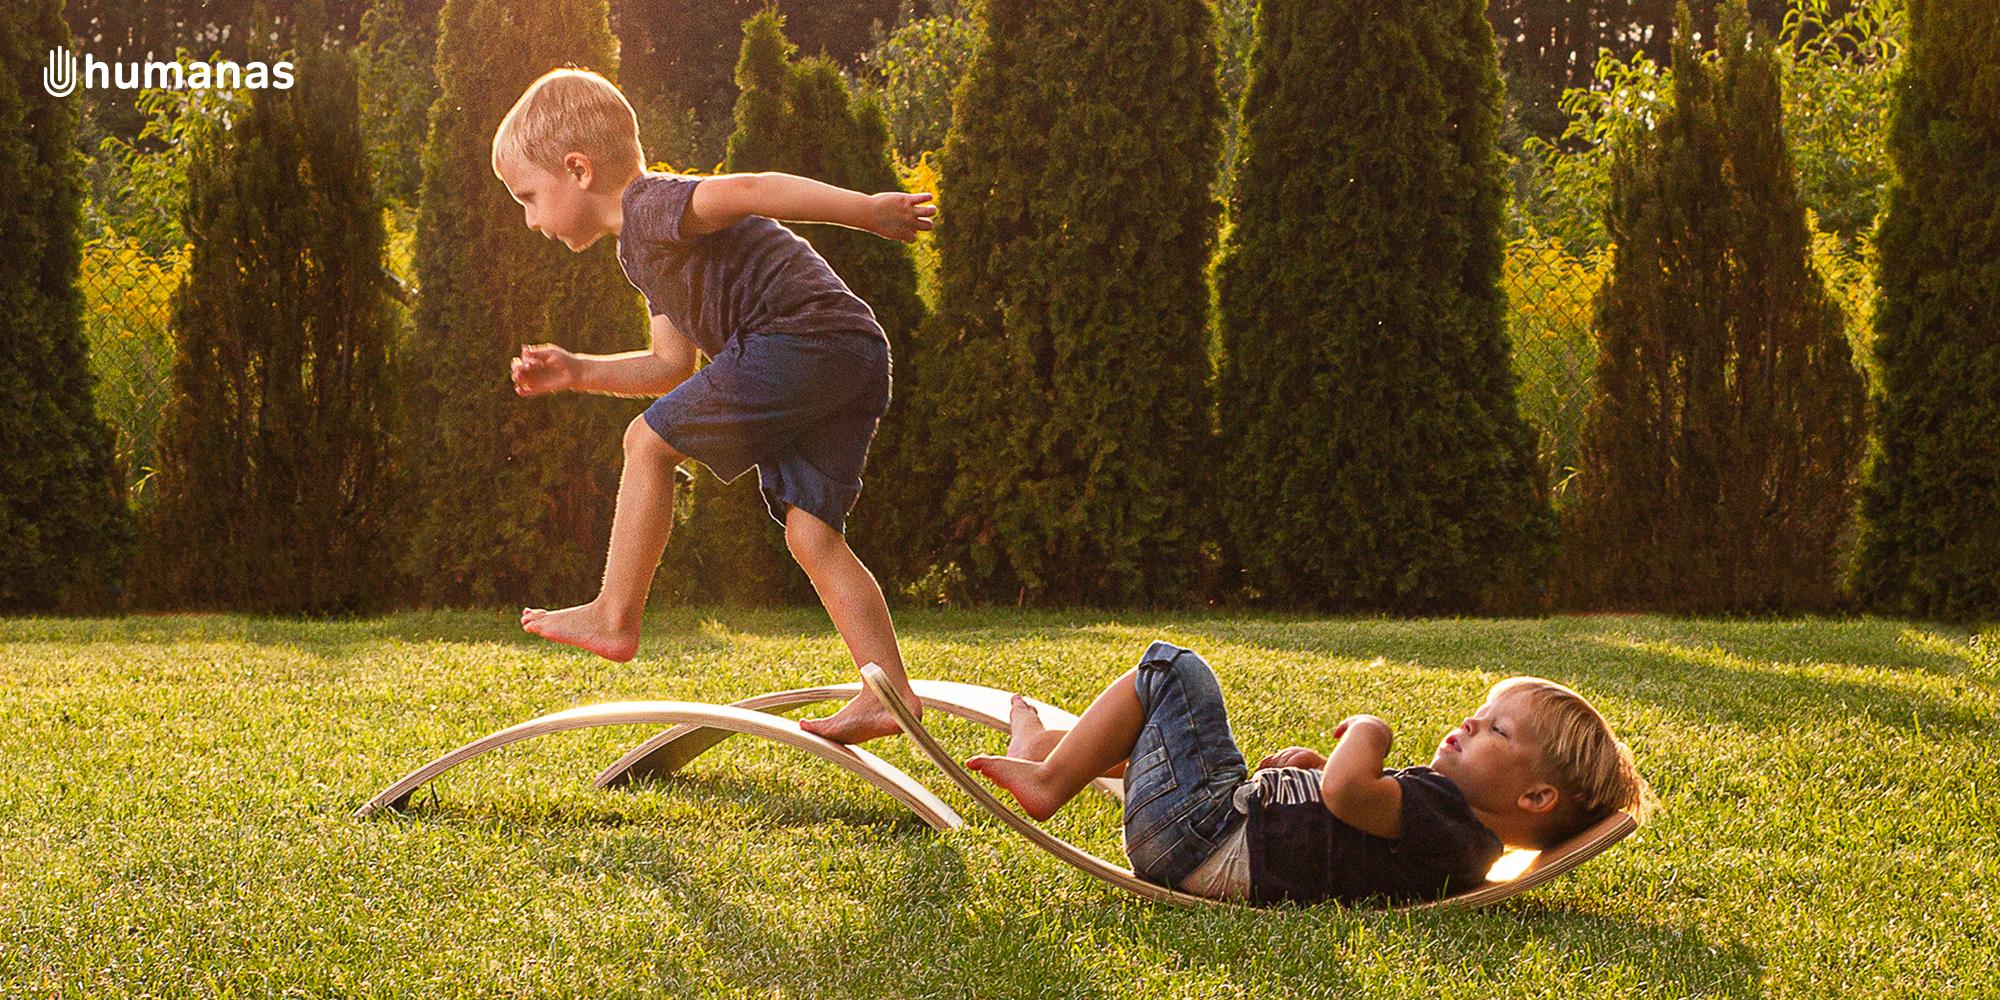 Dwóch małych chłopców bawi się deską do balansowania Humanas BoardOne w ogrodzie